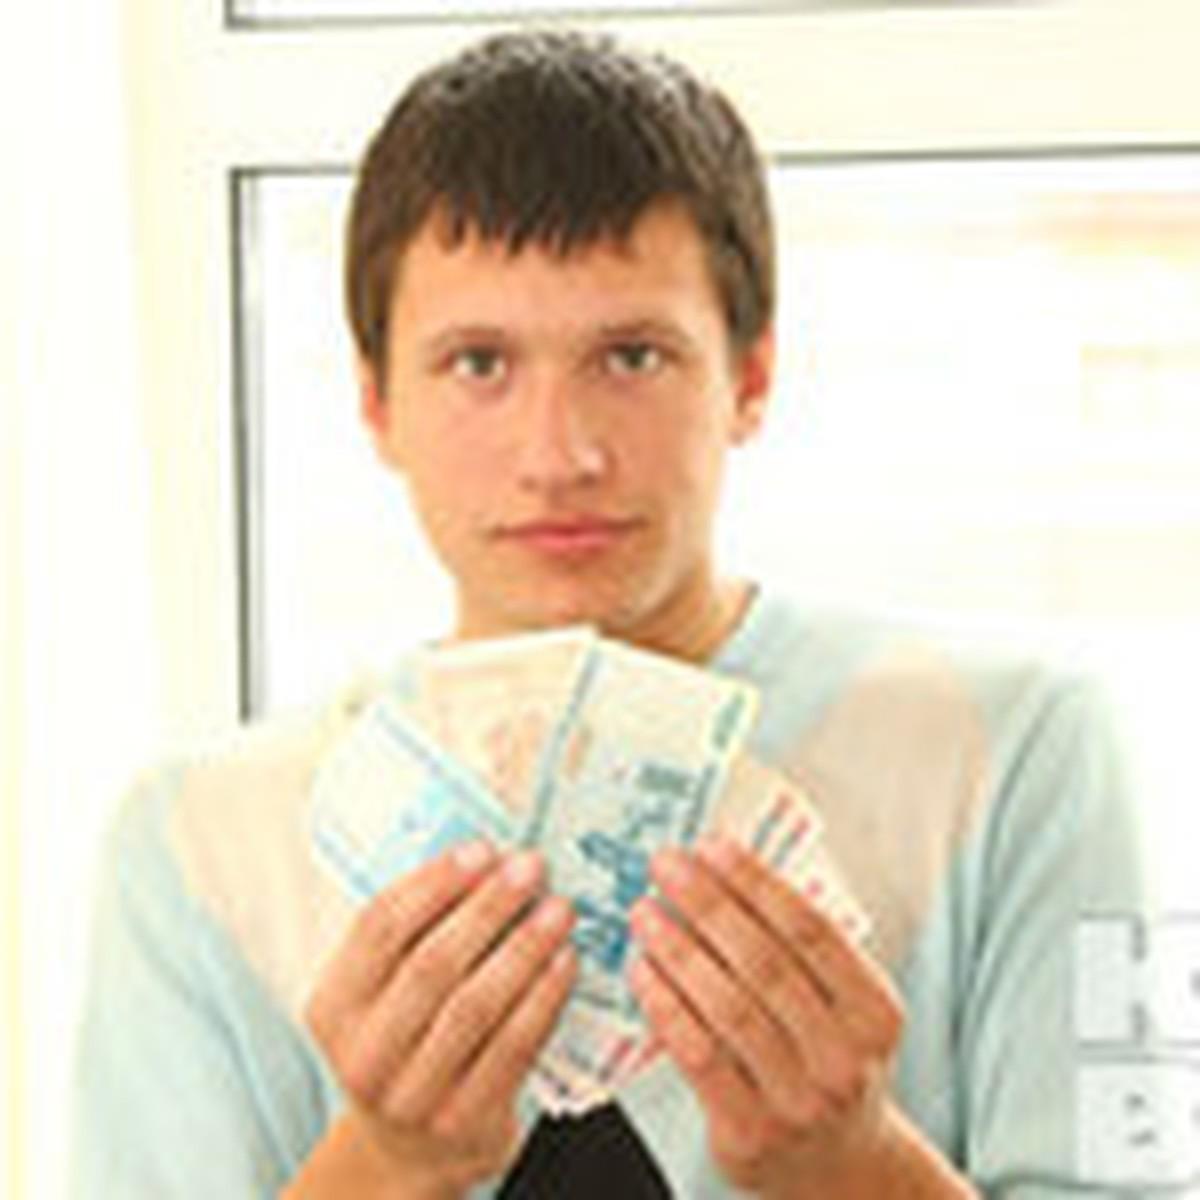 студент выиграл в казино вулкан 74 миллиона